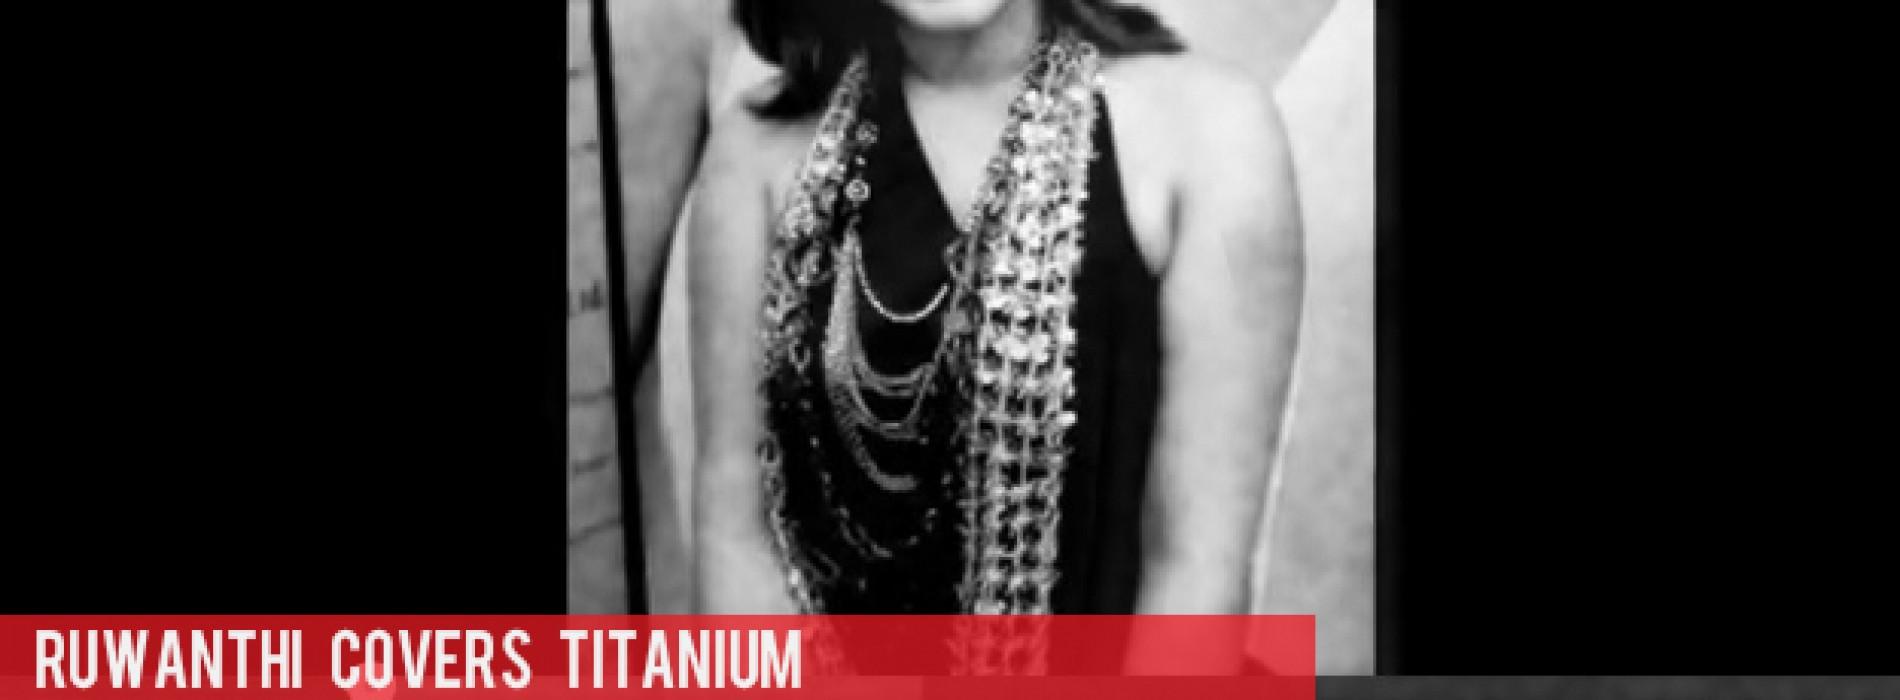 Ruwanthi Covers Titanium